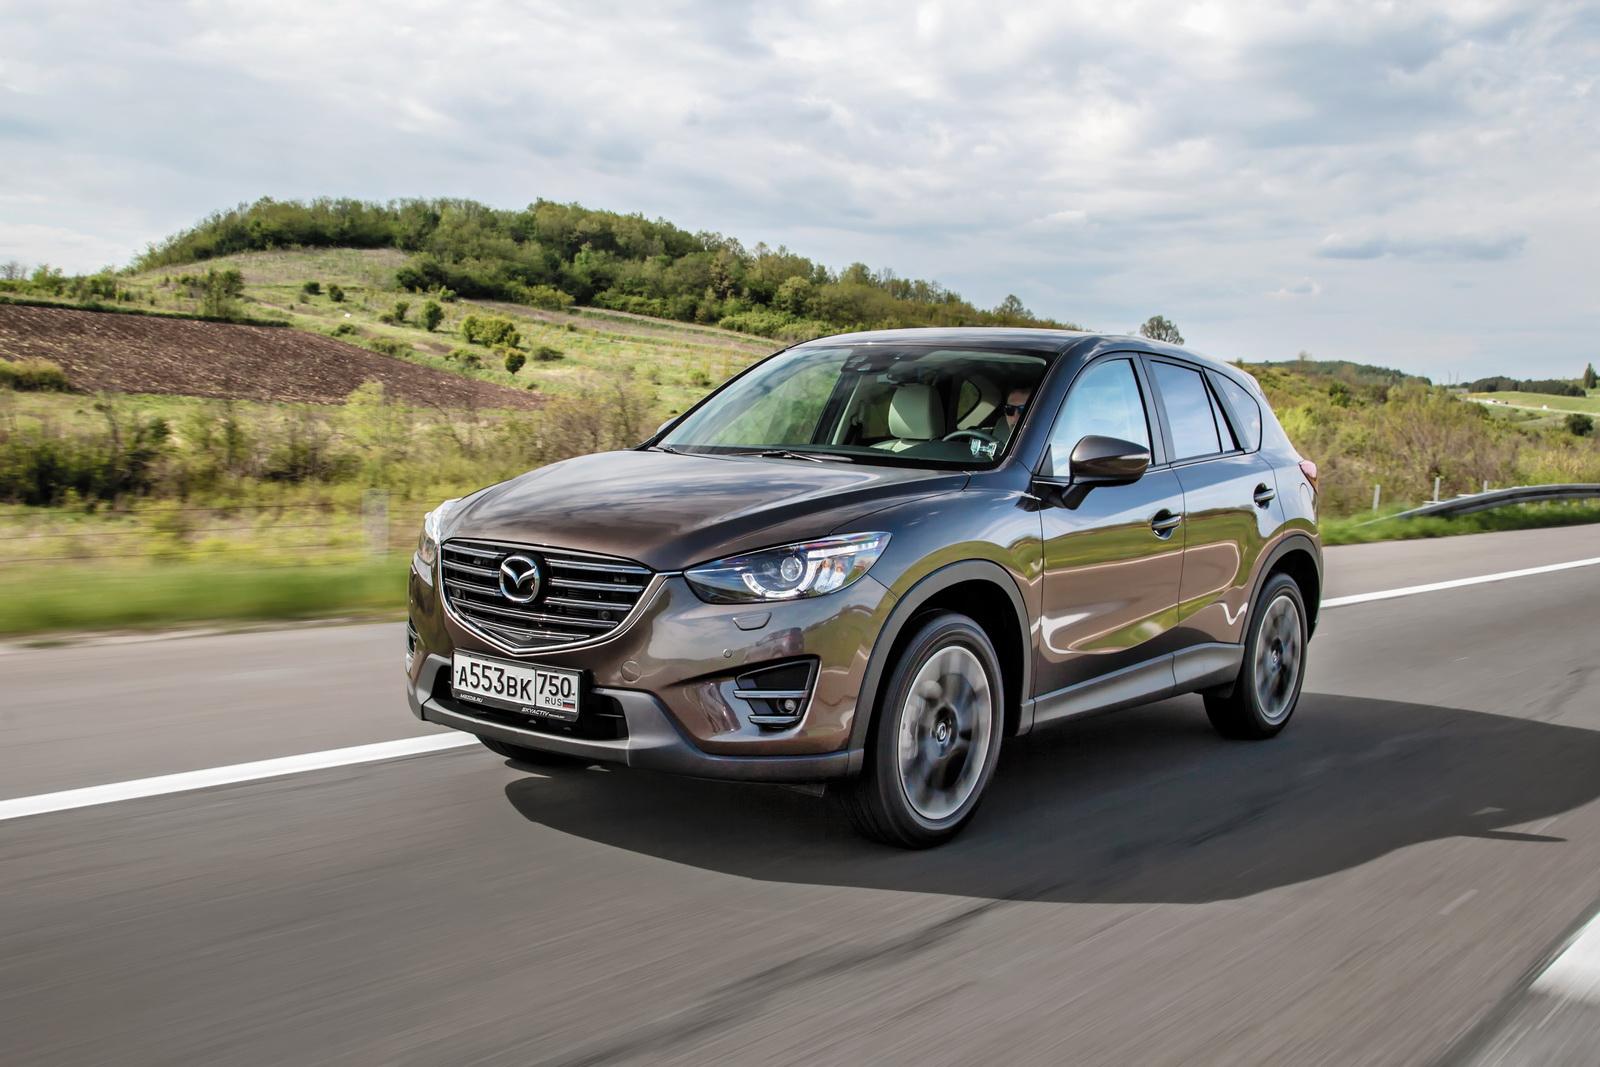 Обновленный <b>Mazda CX</b>-<b>5</b>: что нового? — журнал За рулем